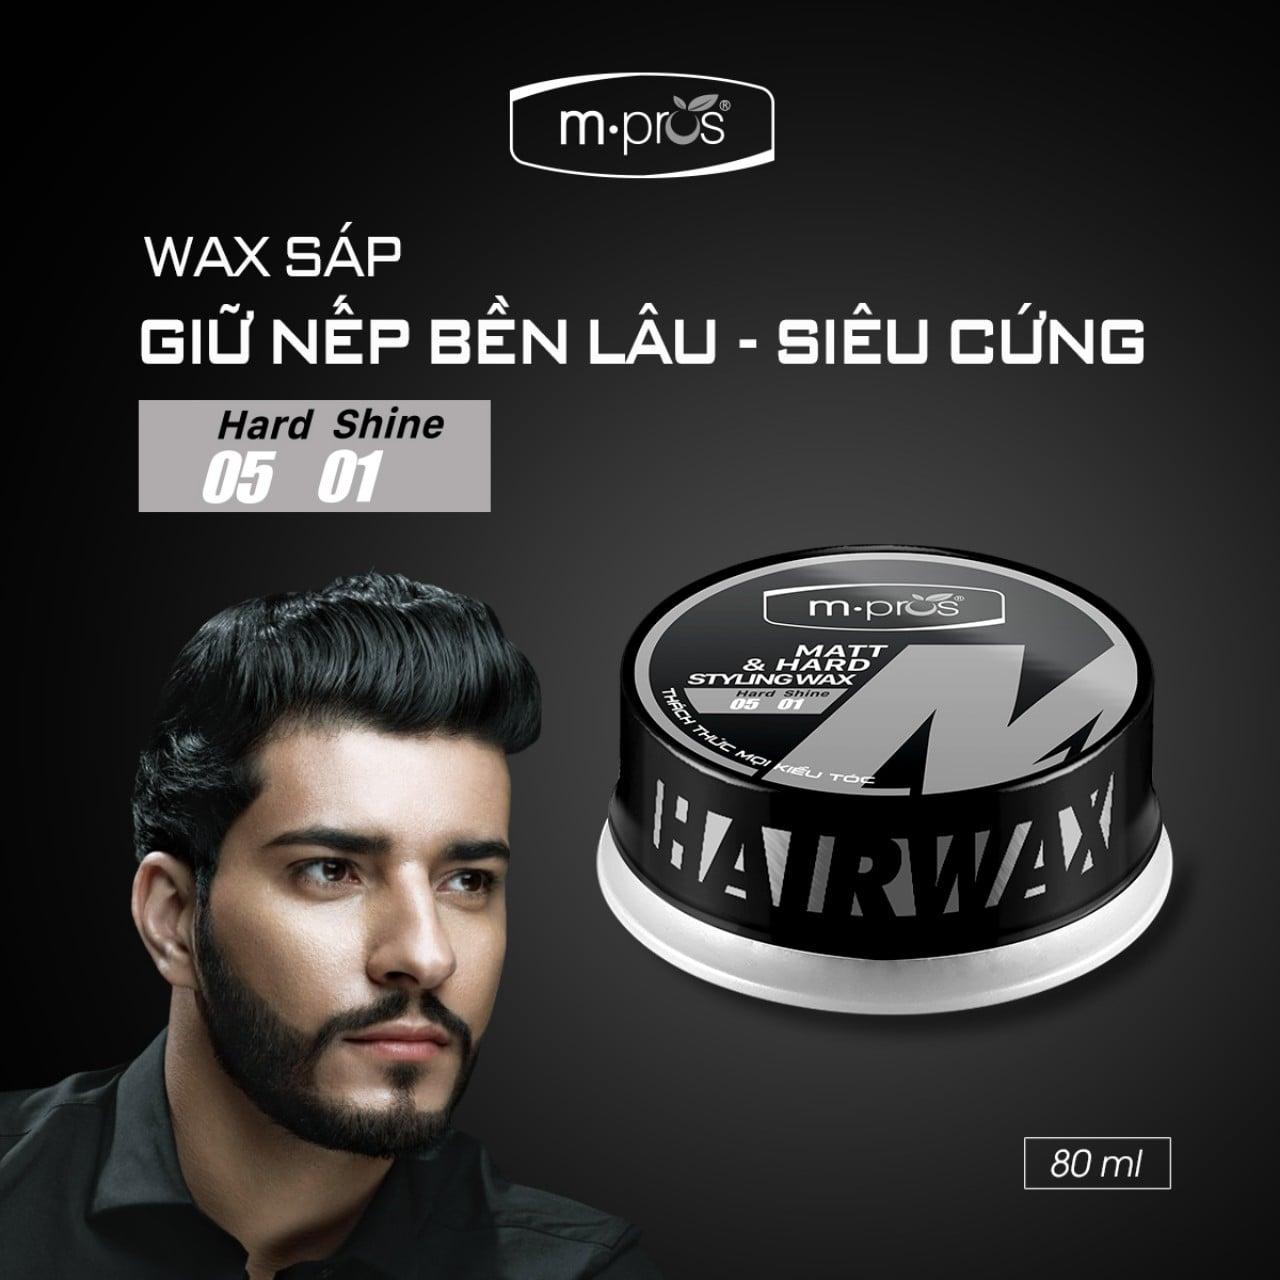 Wax sáp M.Pros hoàn hảo cho những mái tóc bóng dầu muốn tạo kiểu